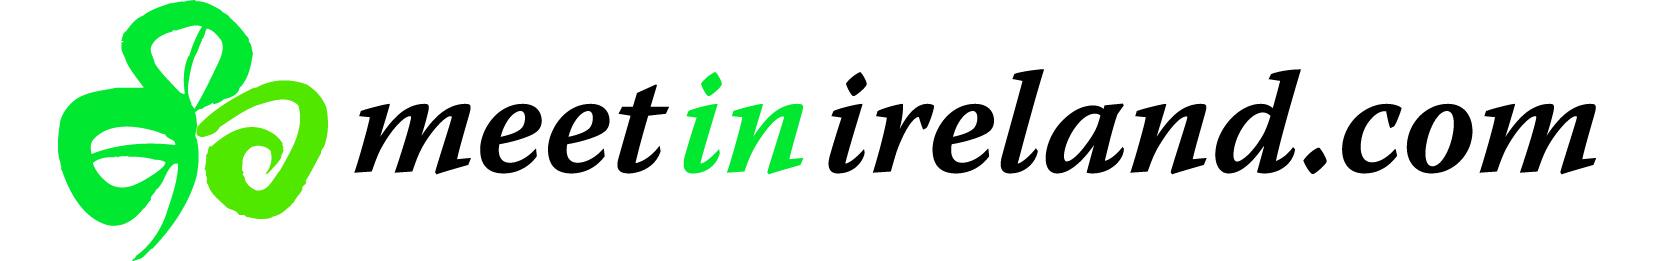 Meet In Ireland